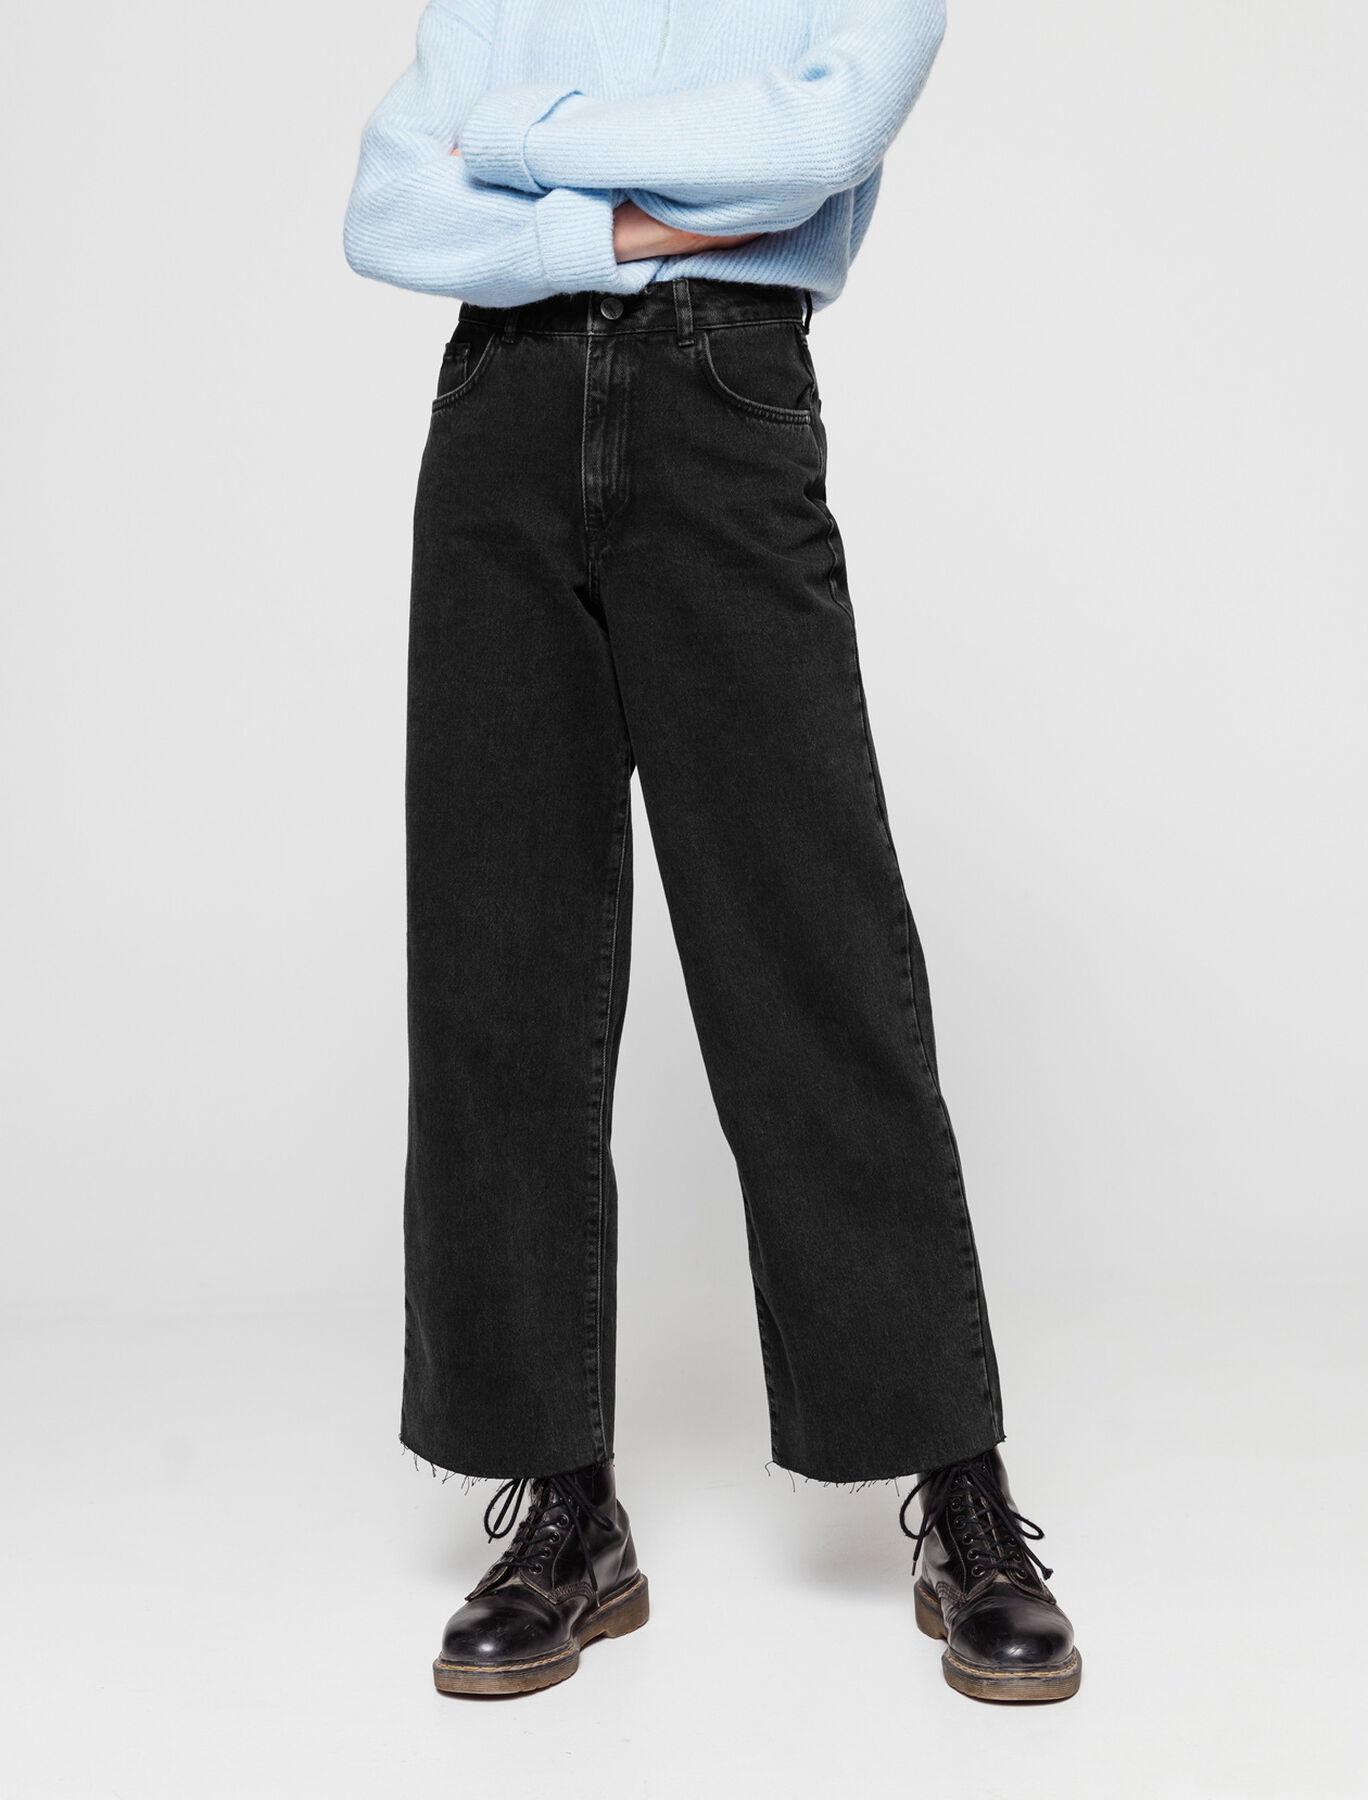 Jean Noir Wide leg